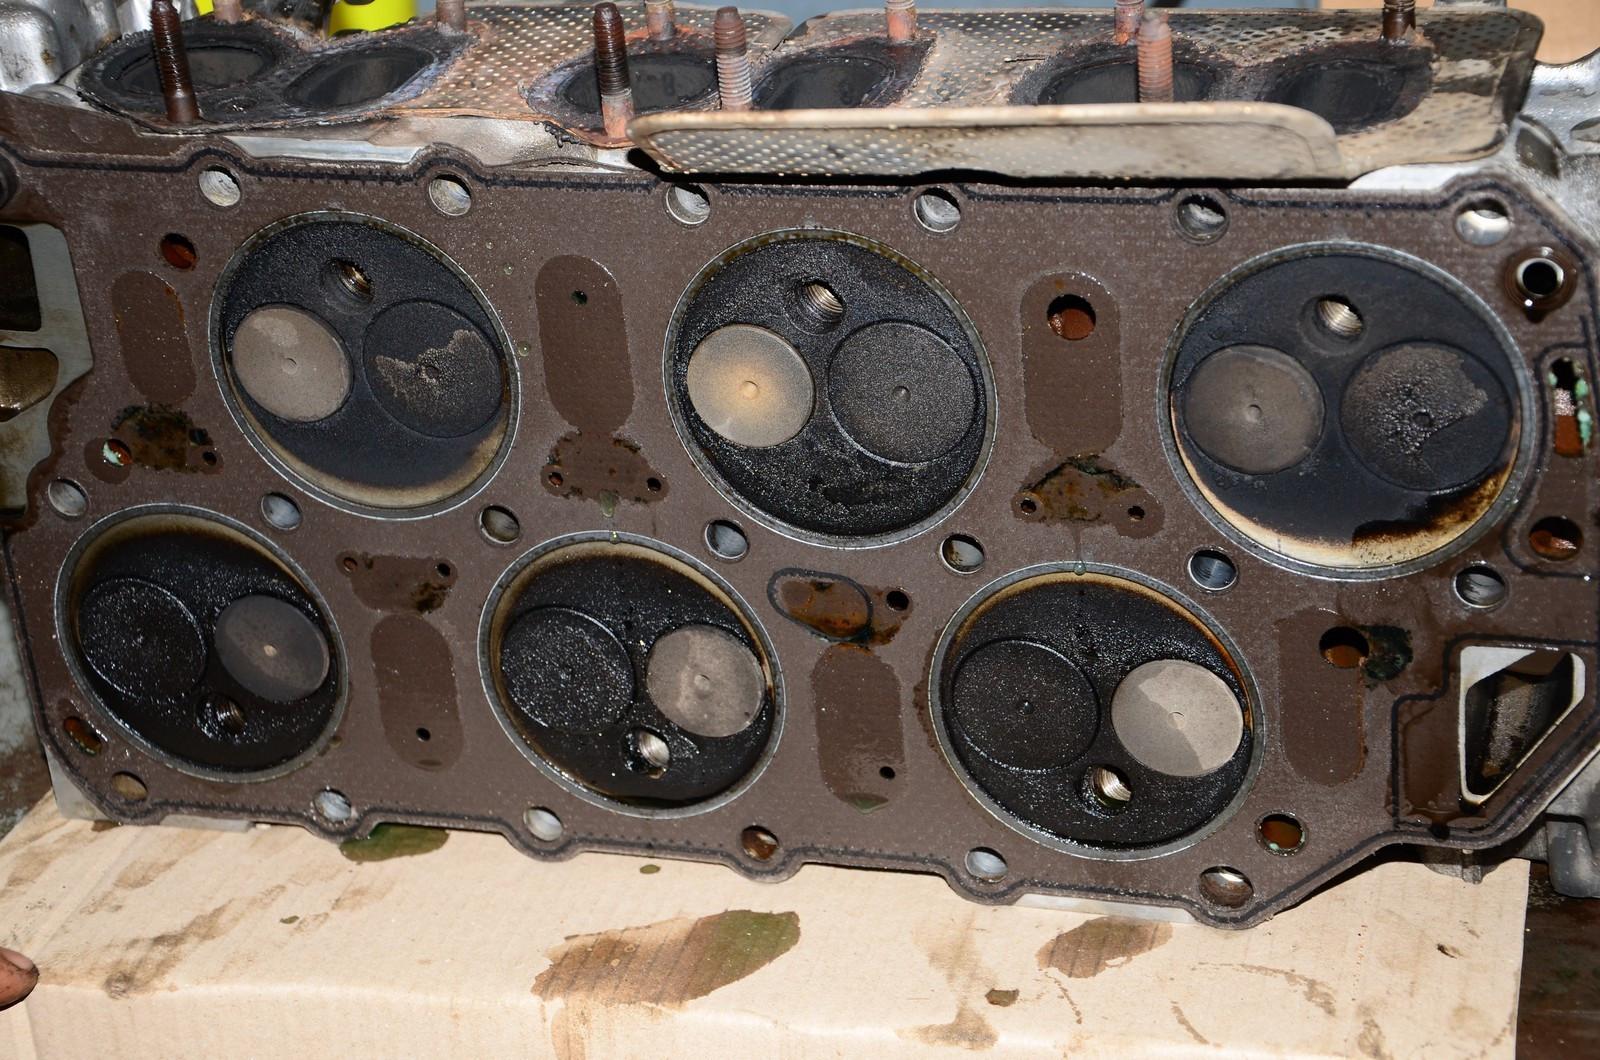 распред валы к вр6 280 174 л с Как нельзя ремонтировать двигатели: разбираем Vr6 после неудачной … Of распред валы к вр6 280 174 л с